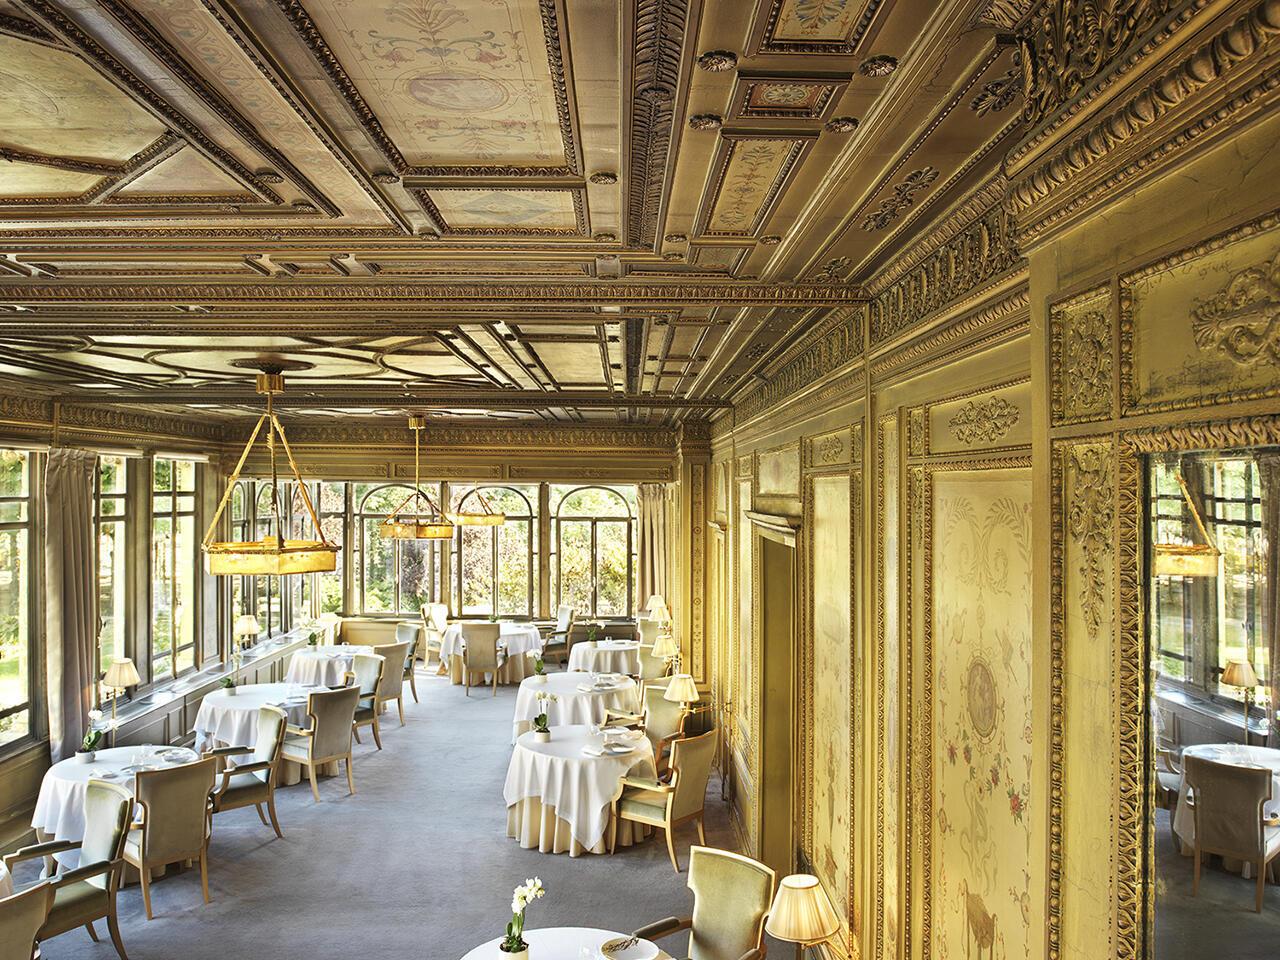 Исторические рестораны Парижа. Ресторан Le Doyen, Елисейские поля.